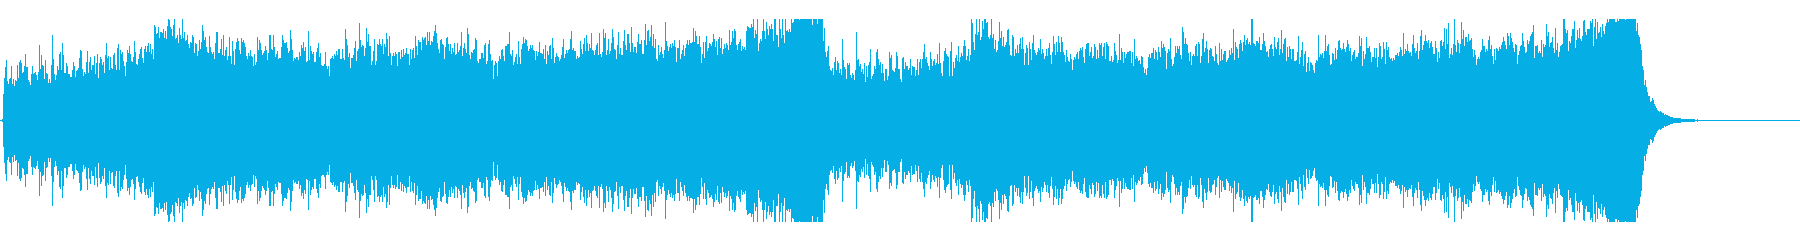 駆け抜ける壮大なストリングス-編集Aの再生済みの波形